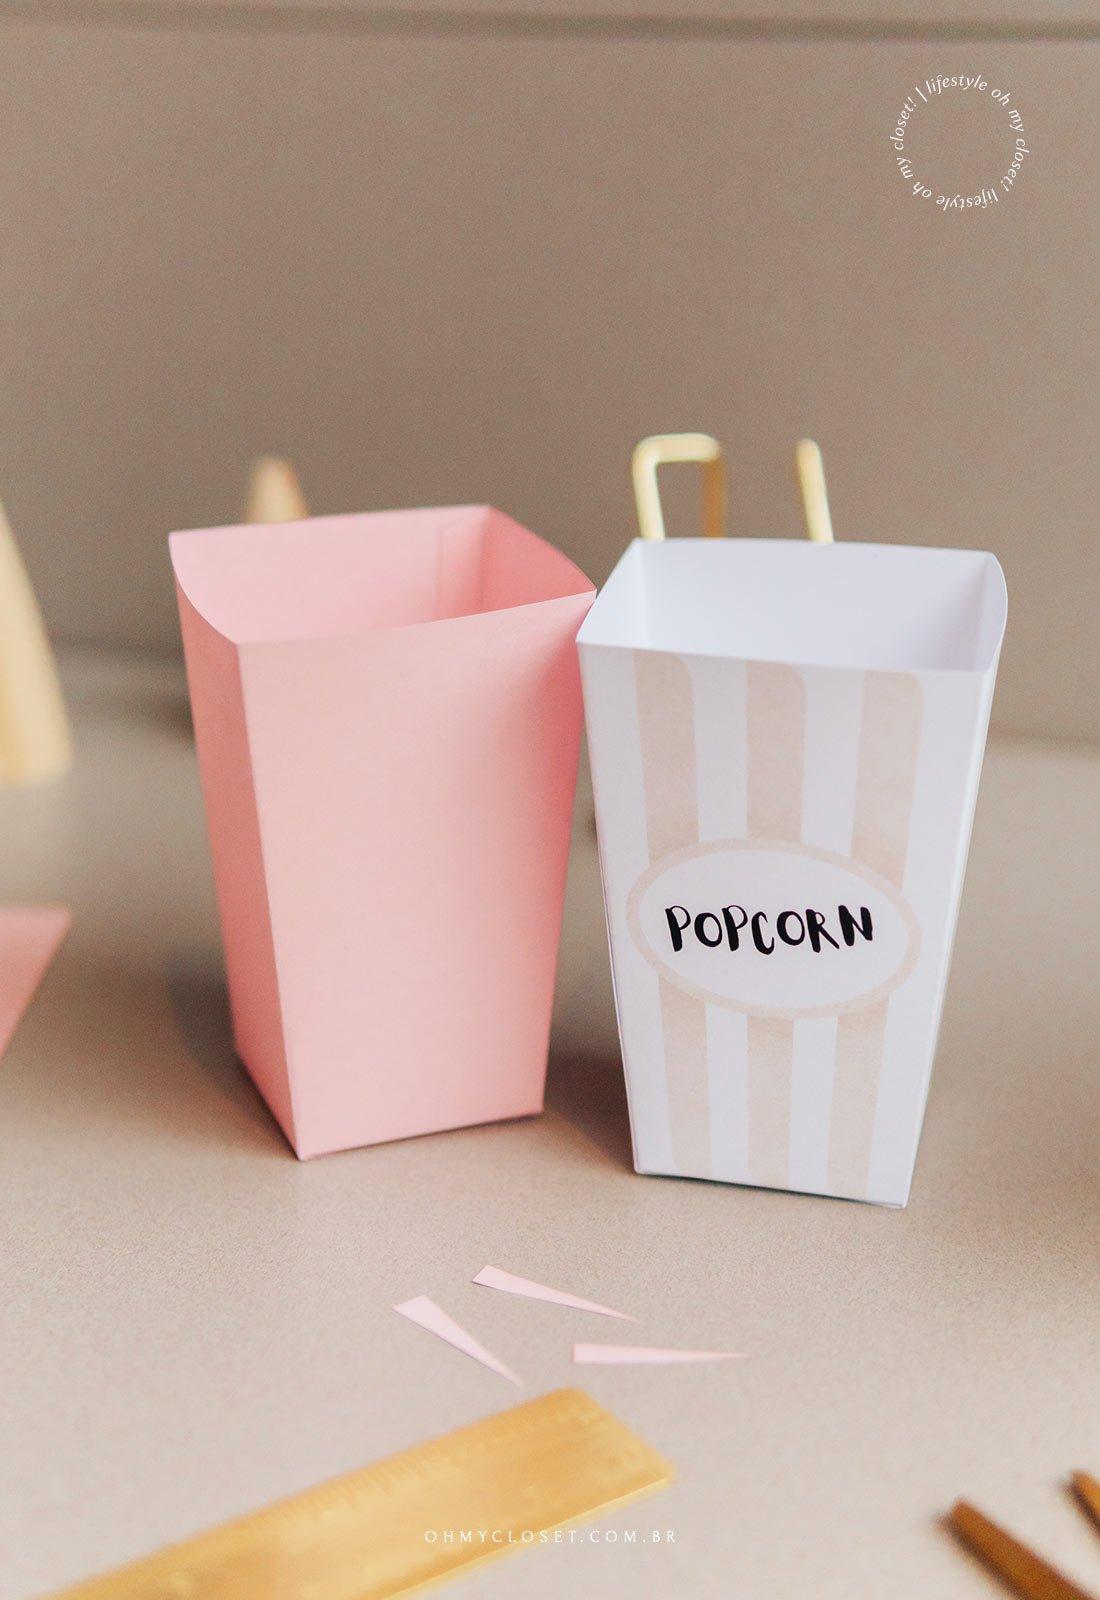 Mini balde de pipoca em papel pronto.